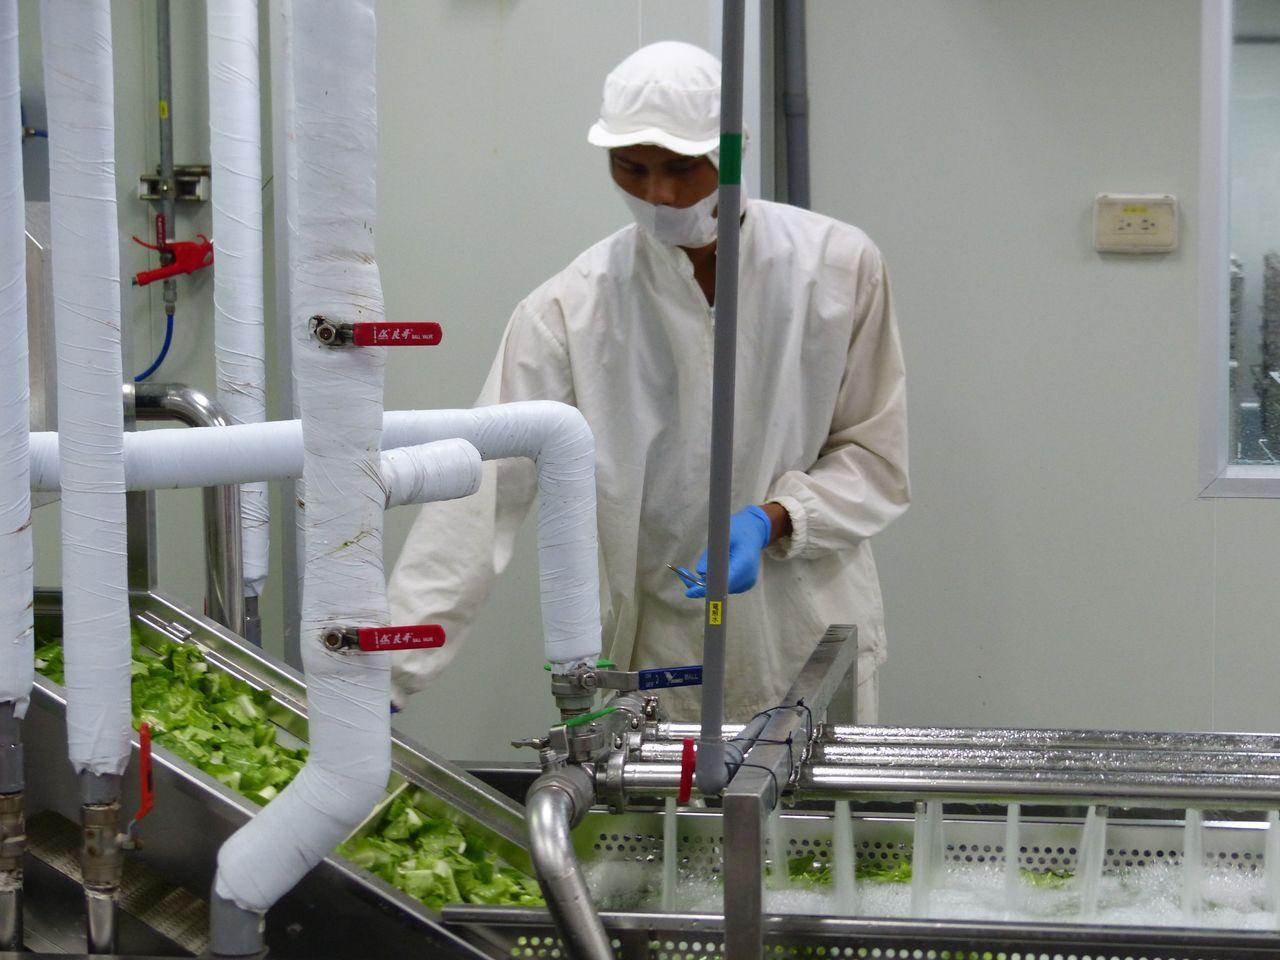 農委會副主委陳吉仲參觀玉美研究科技農場洗切蔬菜的情況。記者趙容萱/攝影